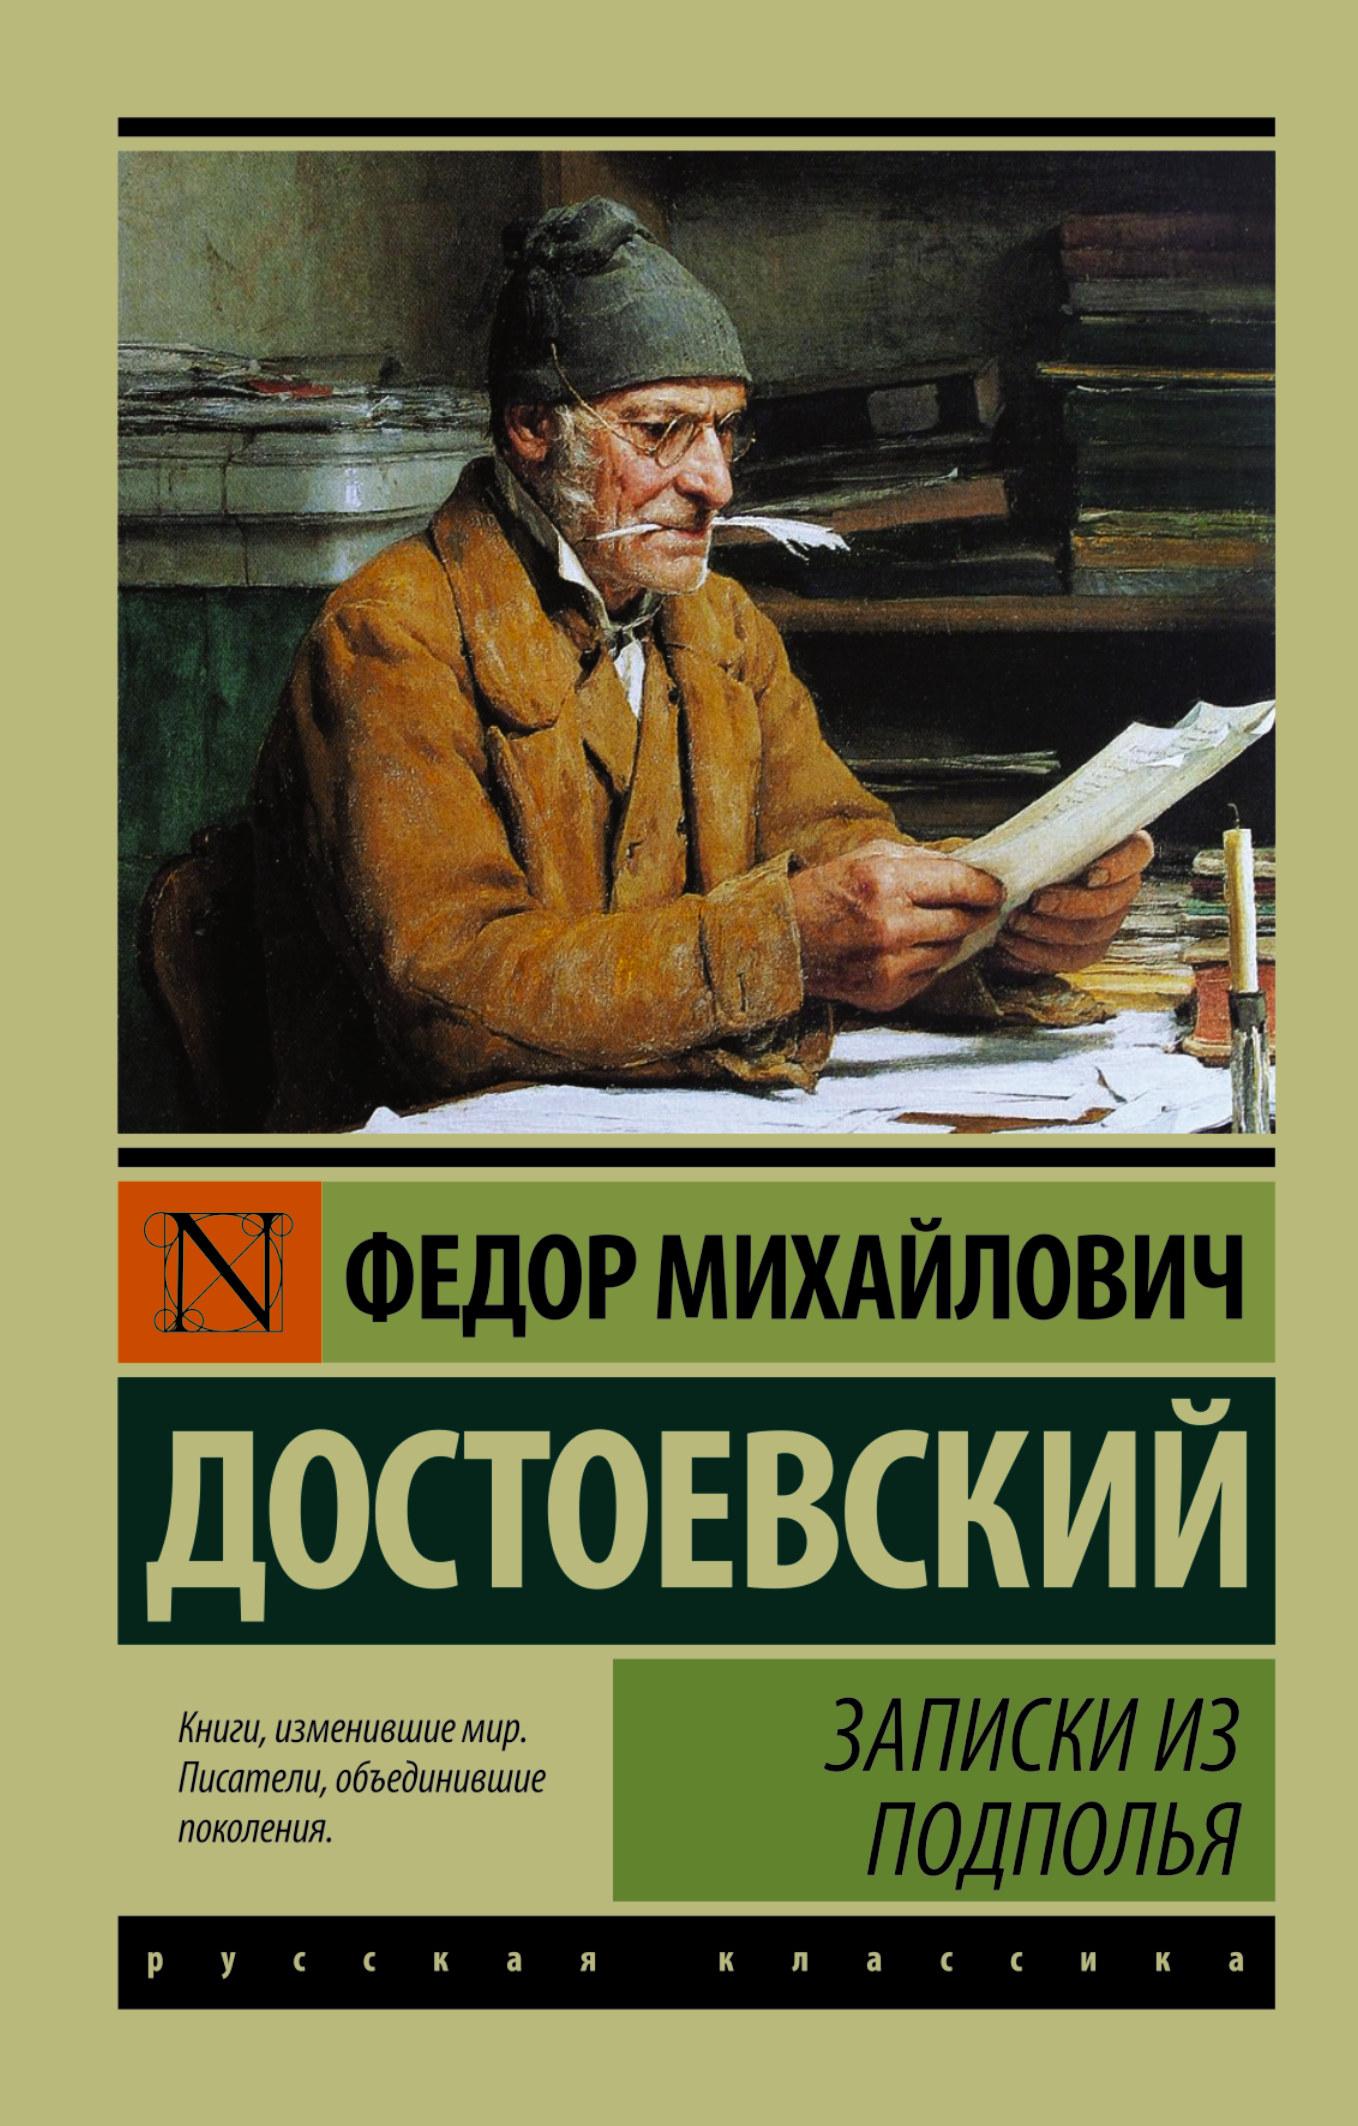 Купить Записки из подполья, Федор Достоевский, 978-5-17-097018-6